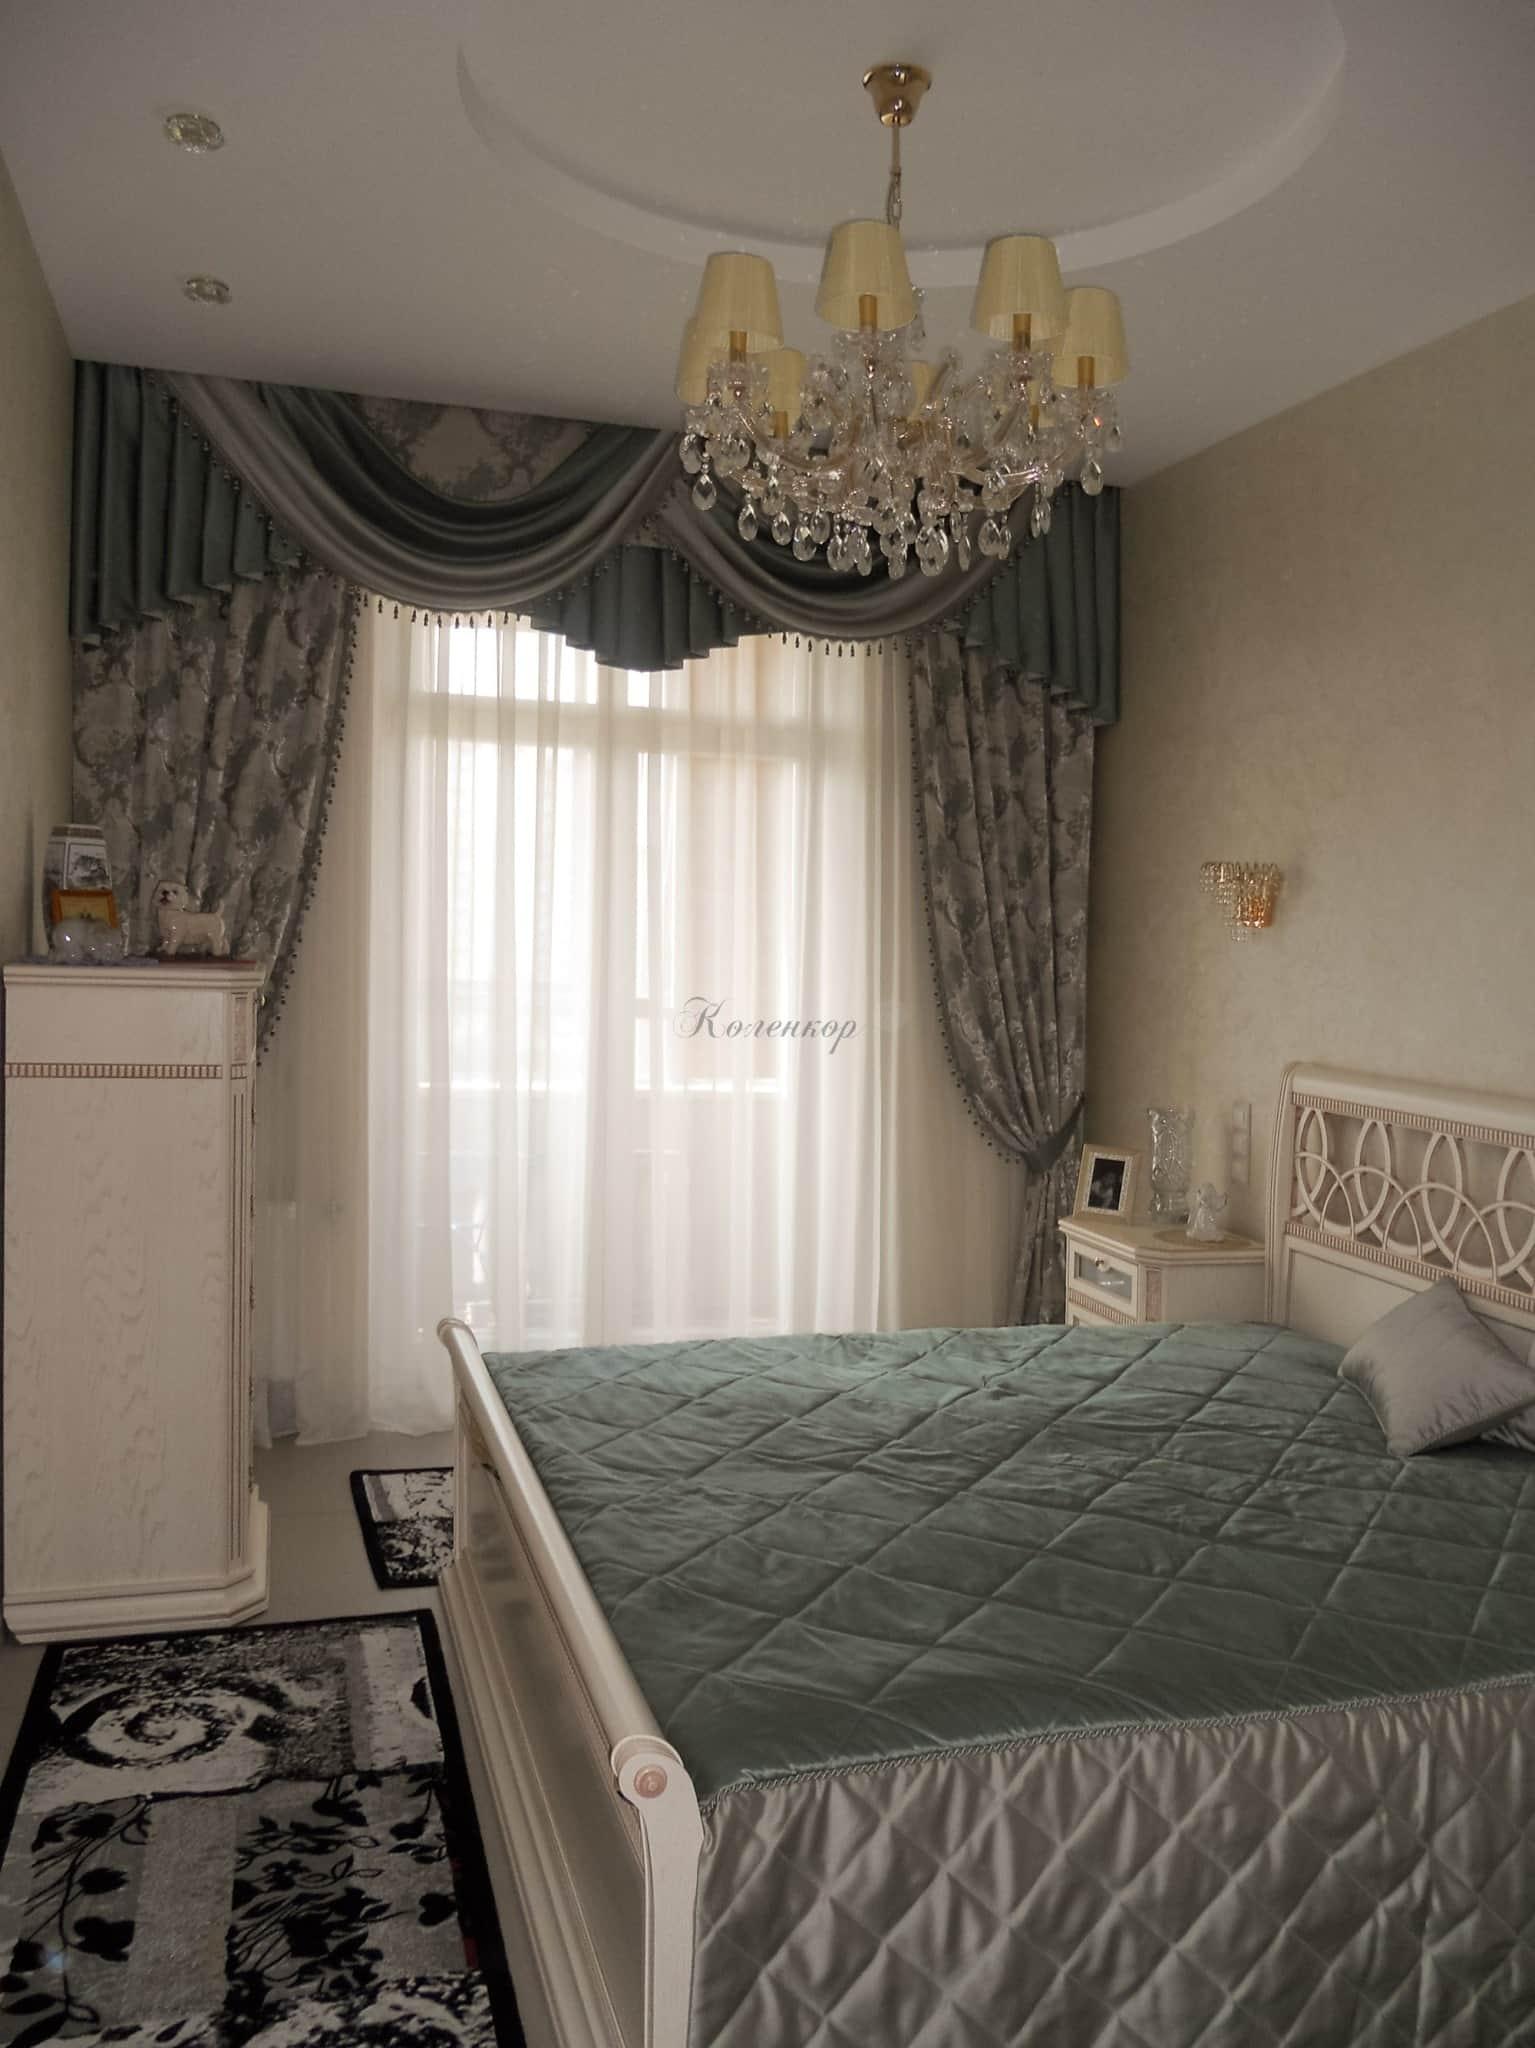 Готовые комплекты штор и покрывала на кровать